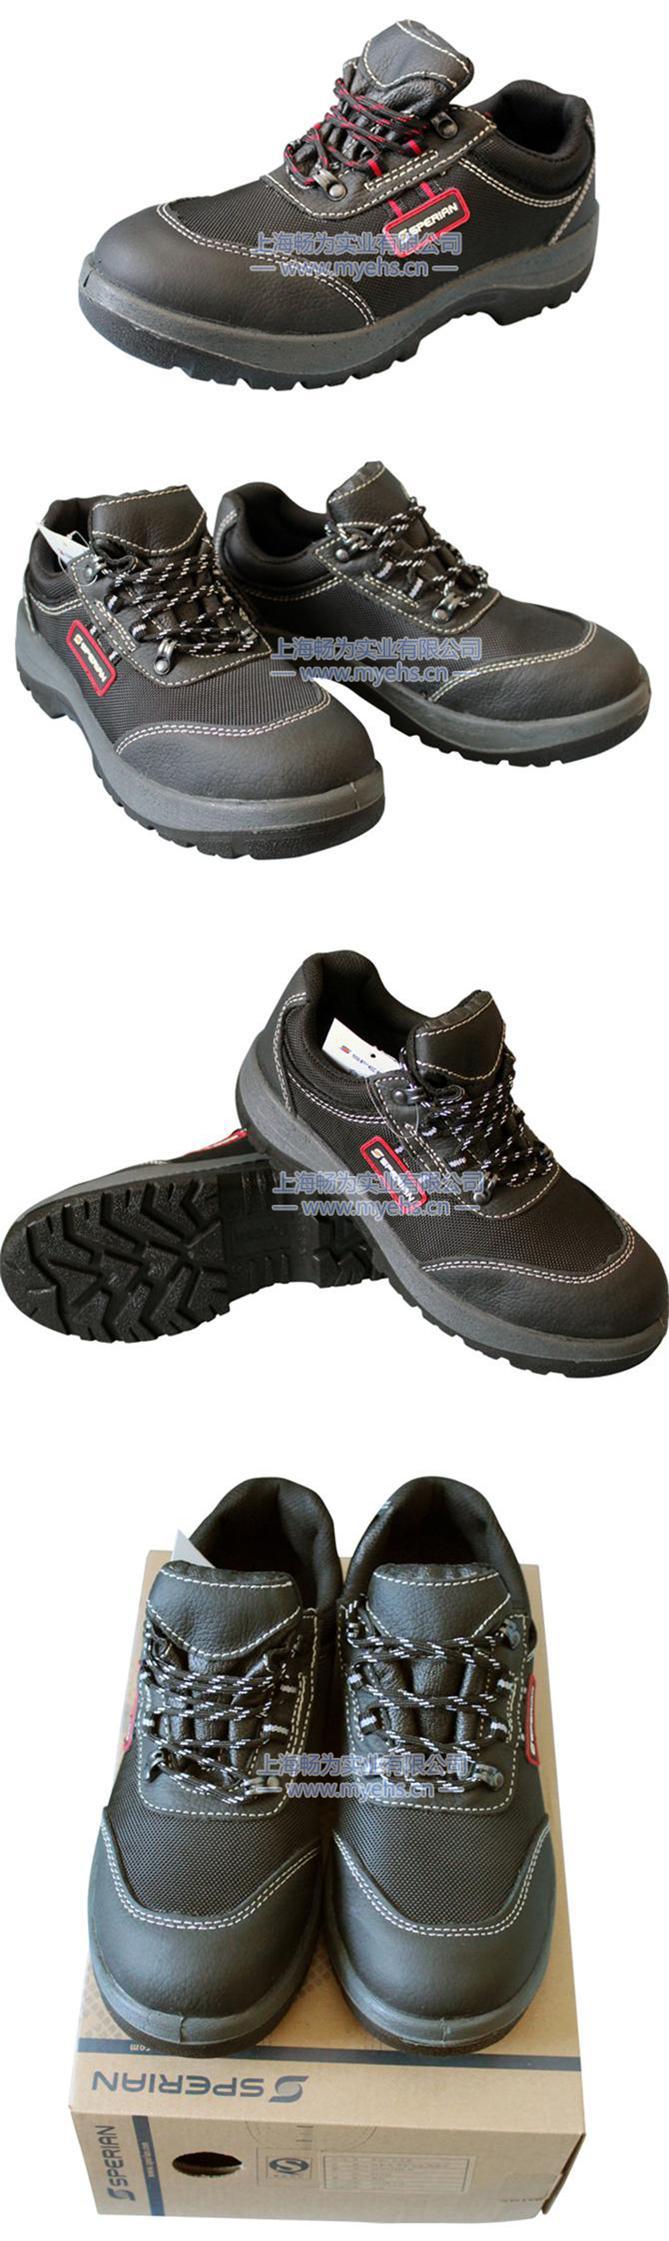 巴固 Rider 轻便低帮安全鞋 产品展示